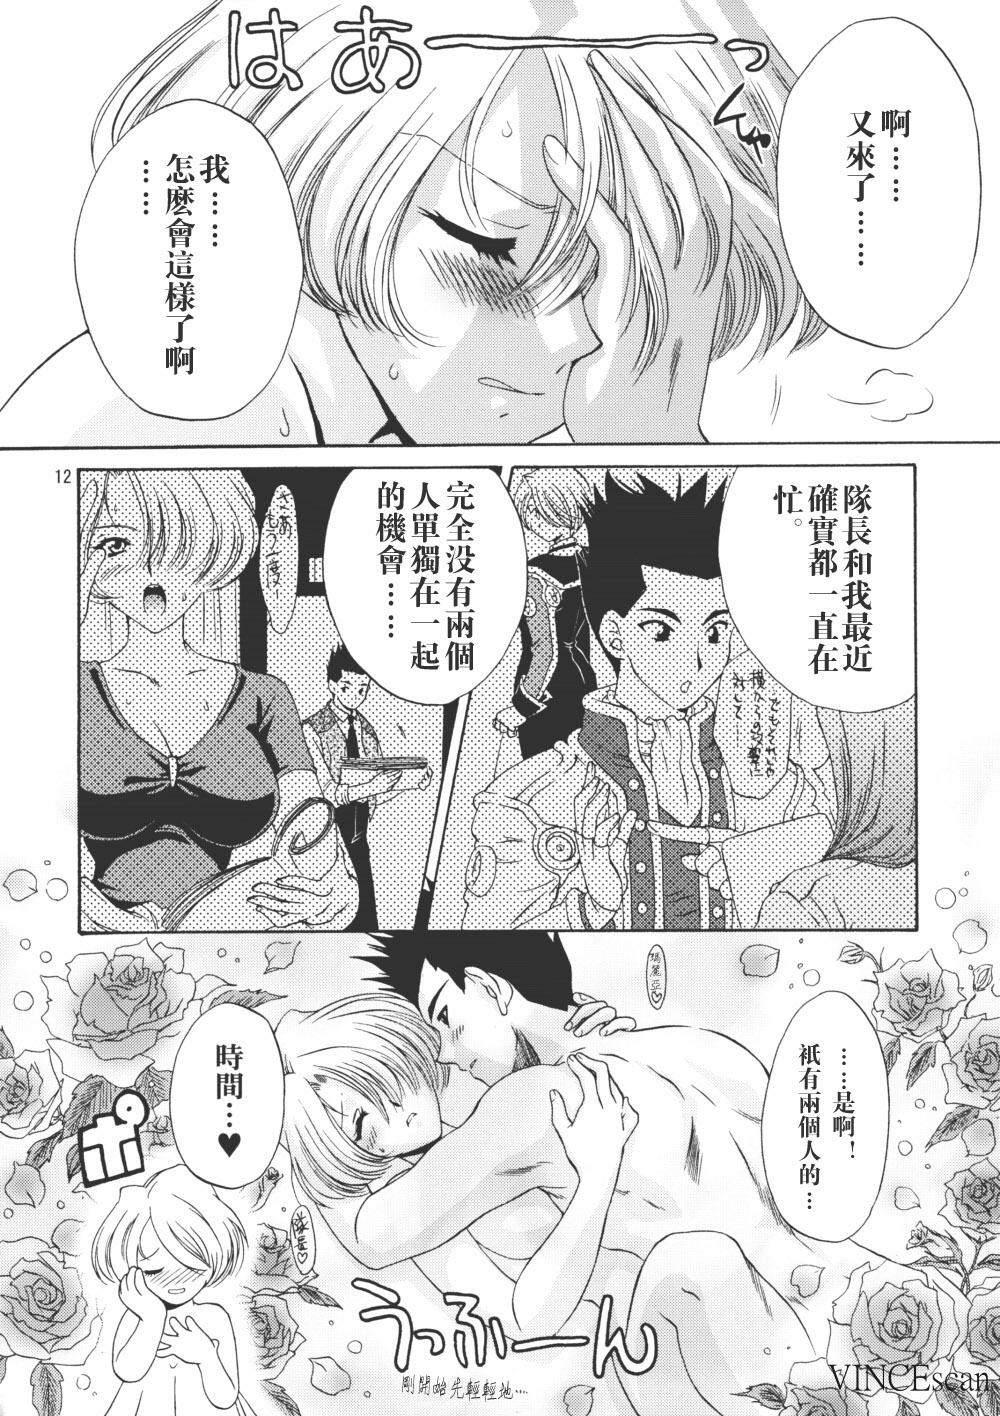 圣女幽女玛丽亚的忧郁  [中文] 漫画-第2张